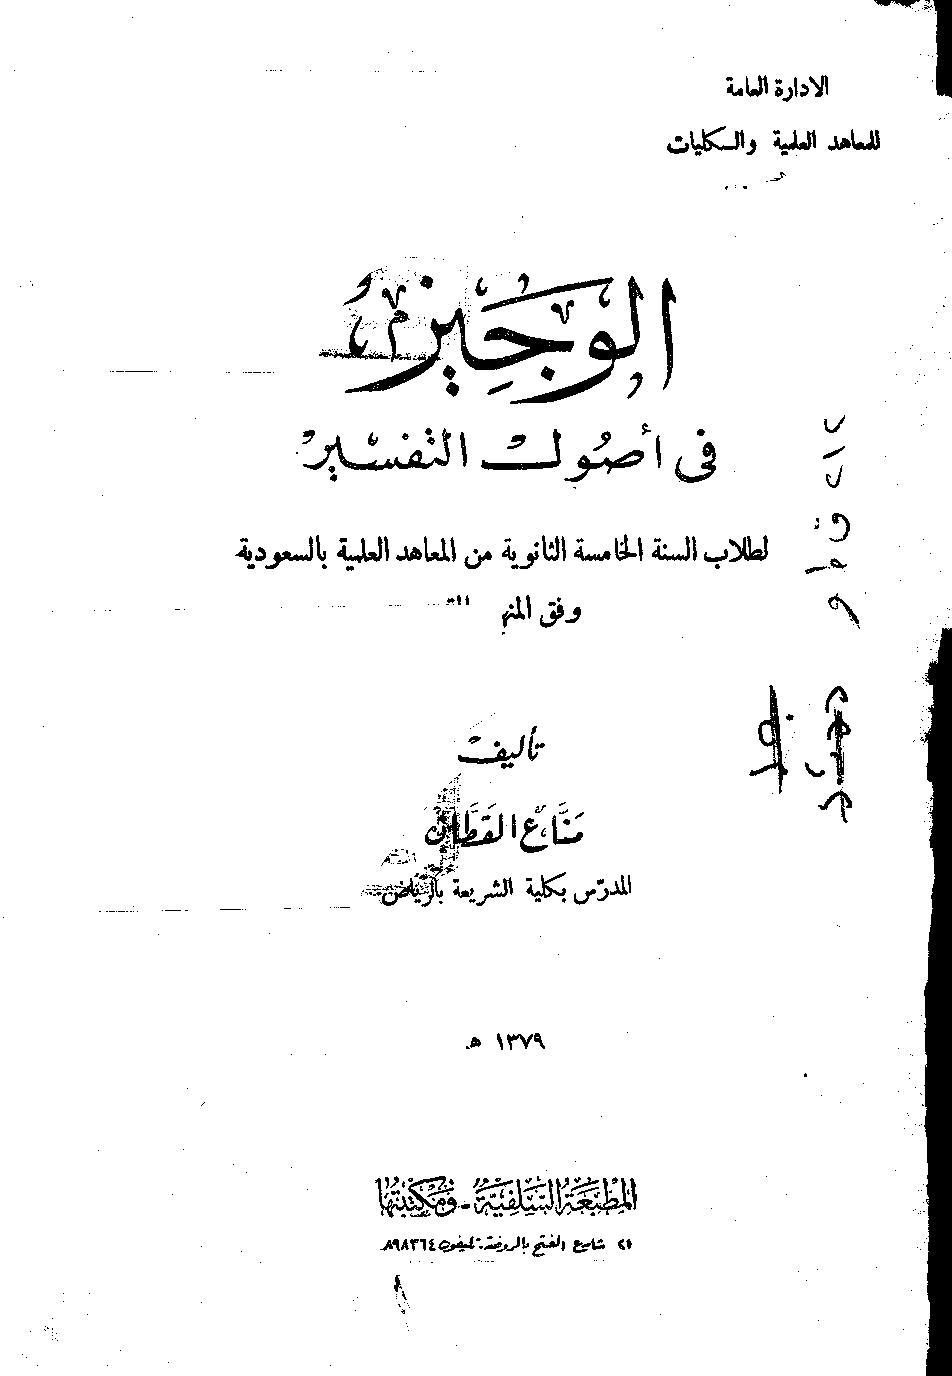 الوجيز في أصول التفسير - مناع بن خليل القطان (ت 1420)